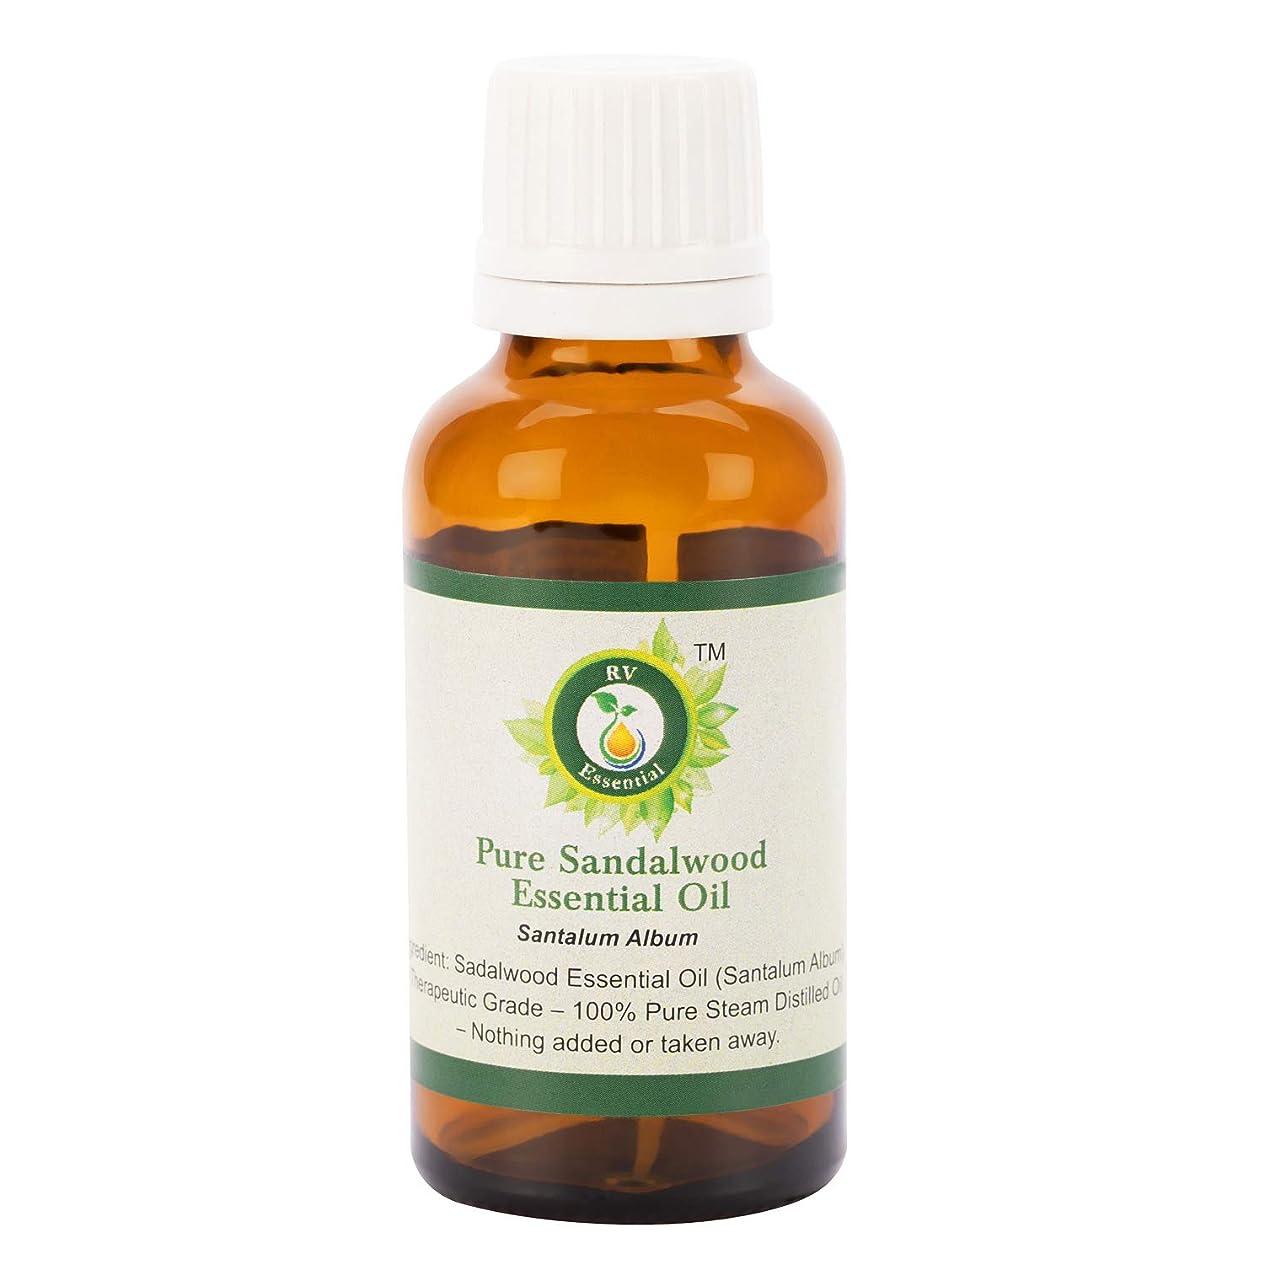 狂った効率的に香ばしいピュアサンダルウッドエッセンシャルオイル30ml (1.01oz)- Santalum Album (100%純粋&天然スチームDistilled) Pure Sandalwood Essential Oil